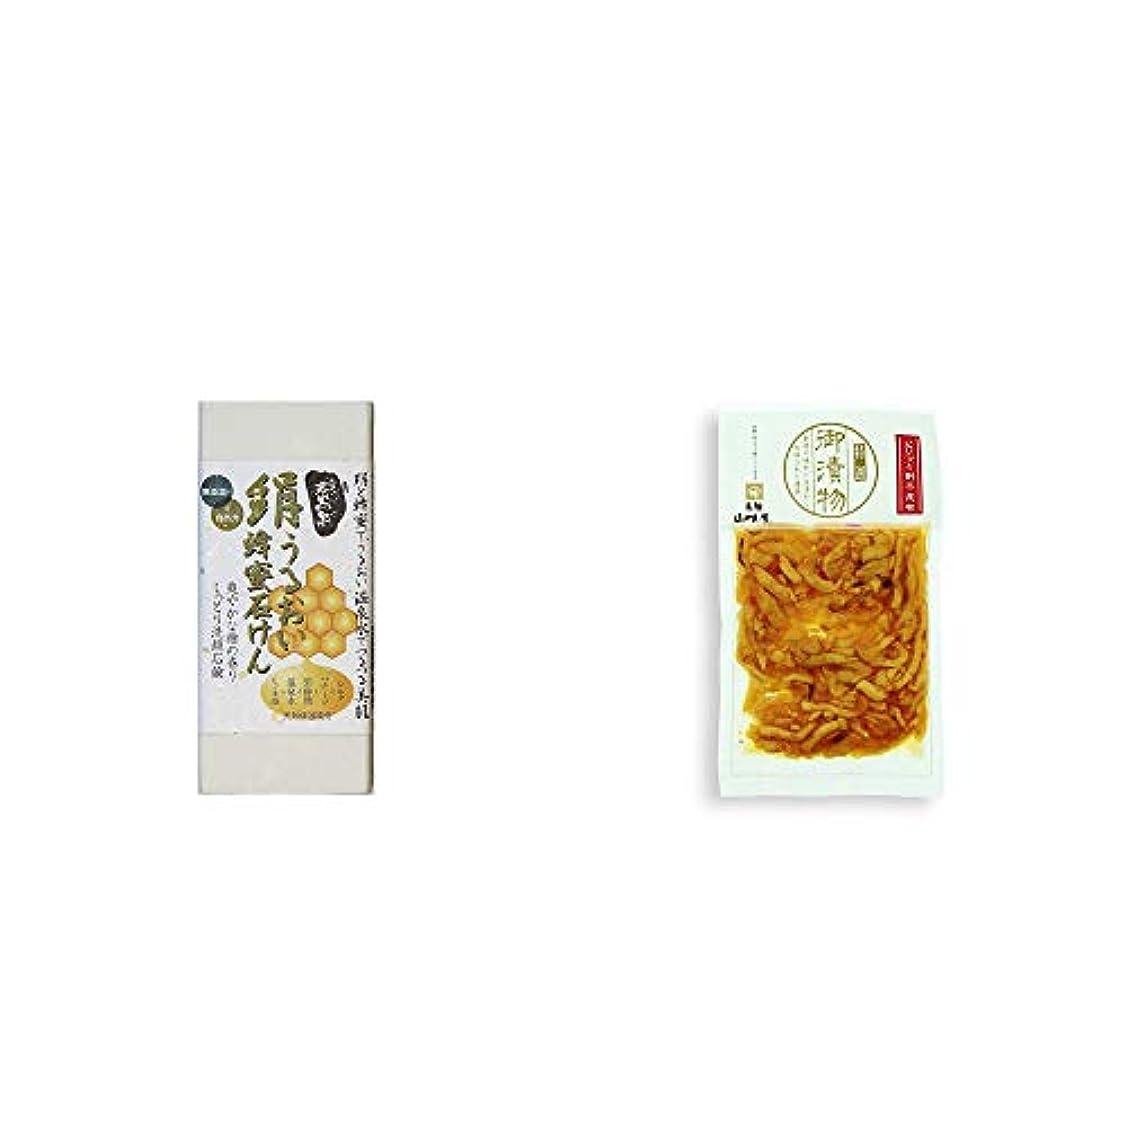 オレンジあえぎ動揺させる[2点セット] ひのき炭黒泉 絹うるおい蜂蜜石けん(75g×2)?飛騨山味屋 ピリッと割干し昆布(230g)